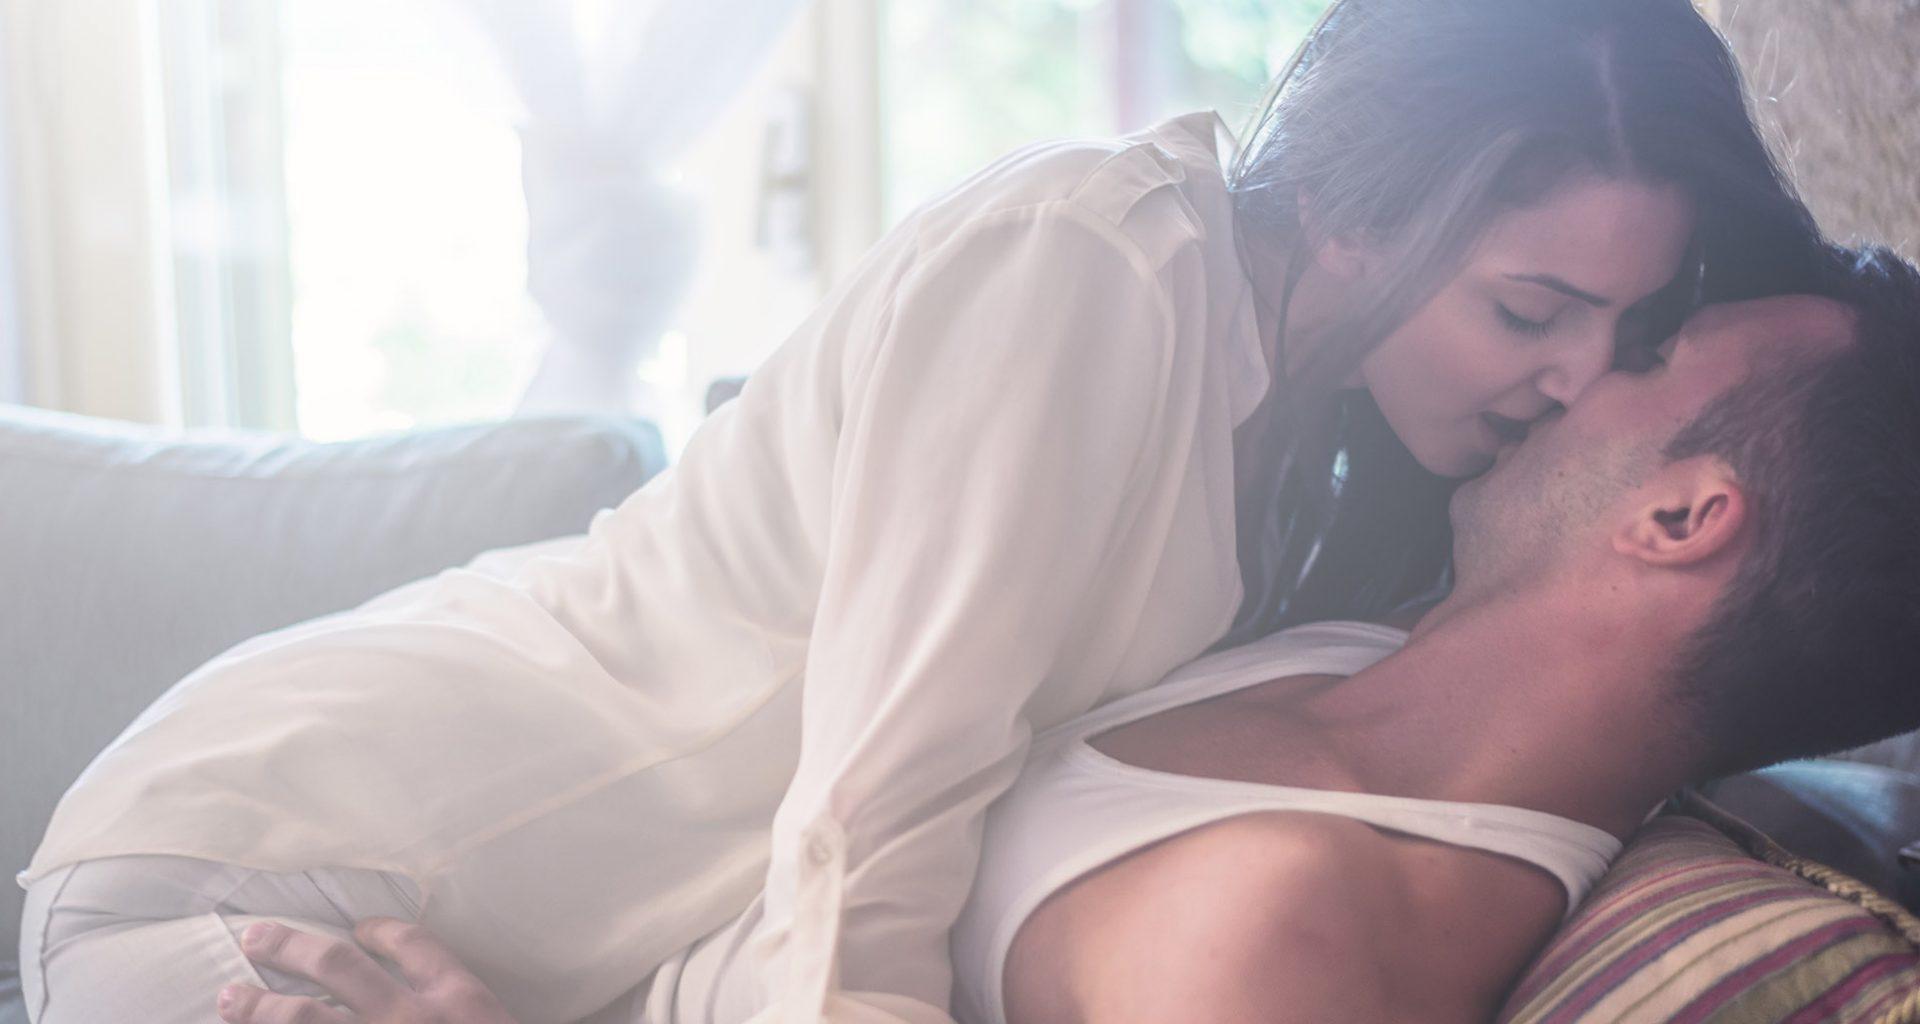 Kommen Frauen leichter an Sex?